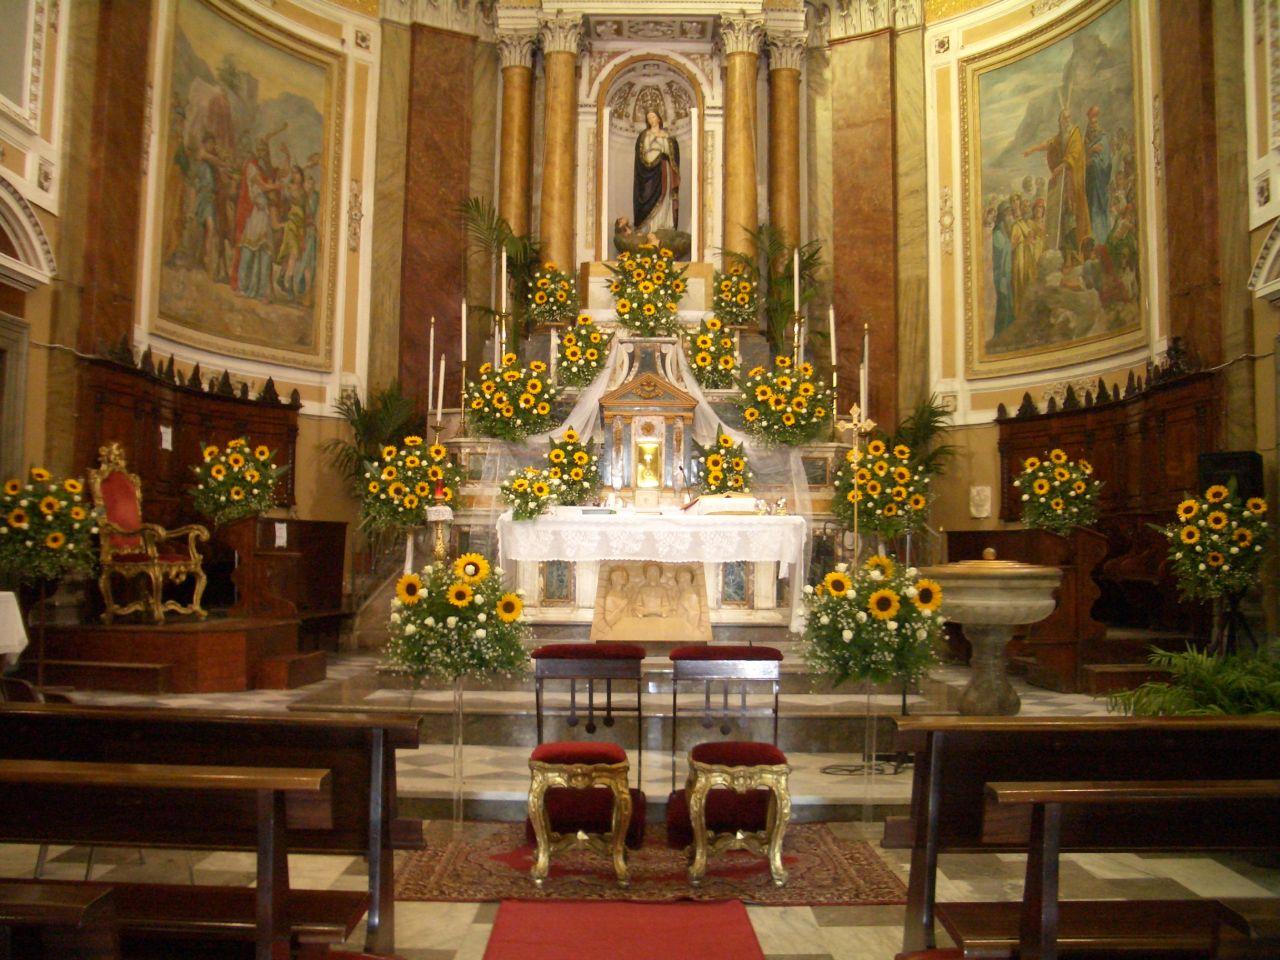 Addobbi Chiesa Matrimonio Girasoli : Moncada piante fiori e addobbi addobbo con girasoli